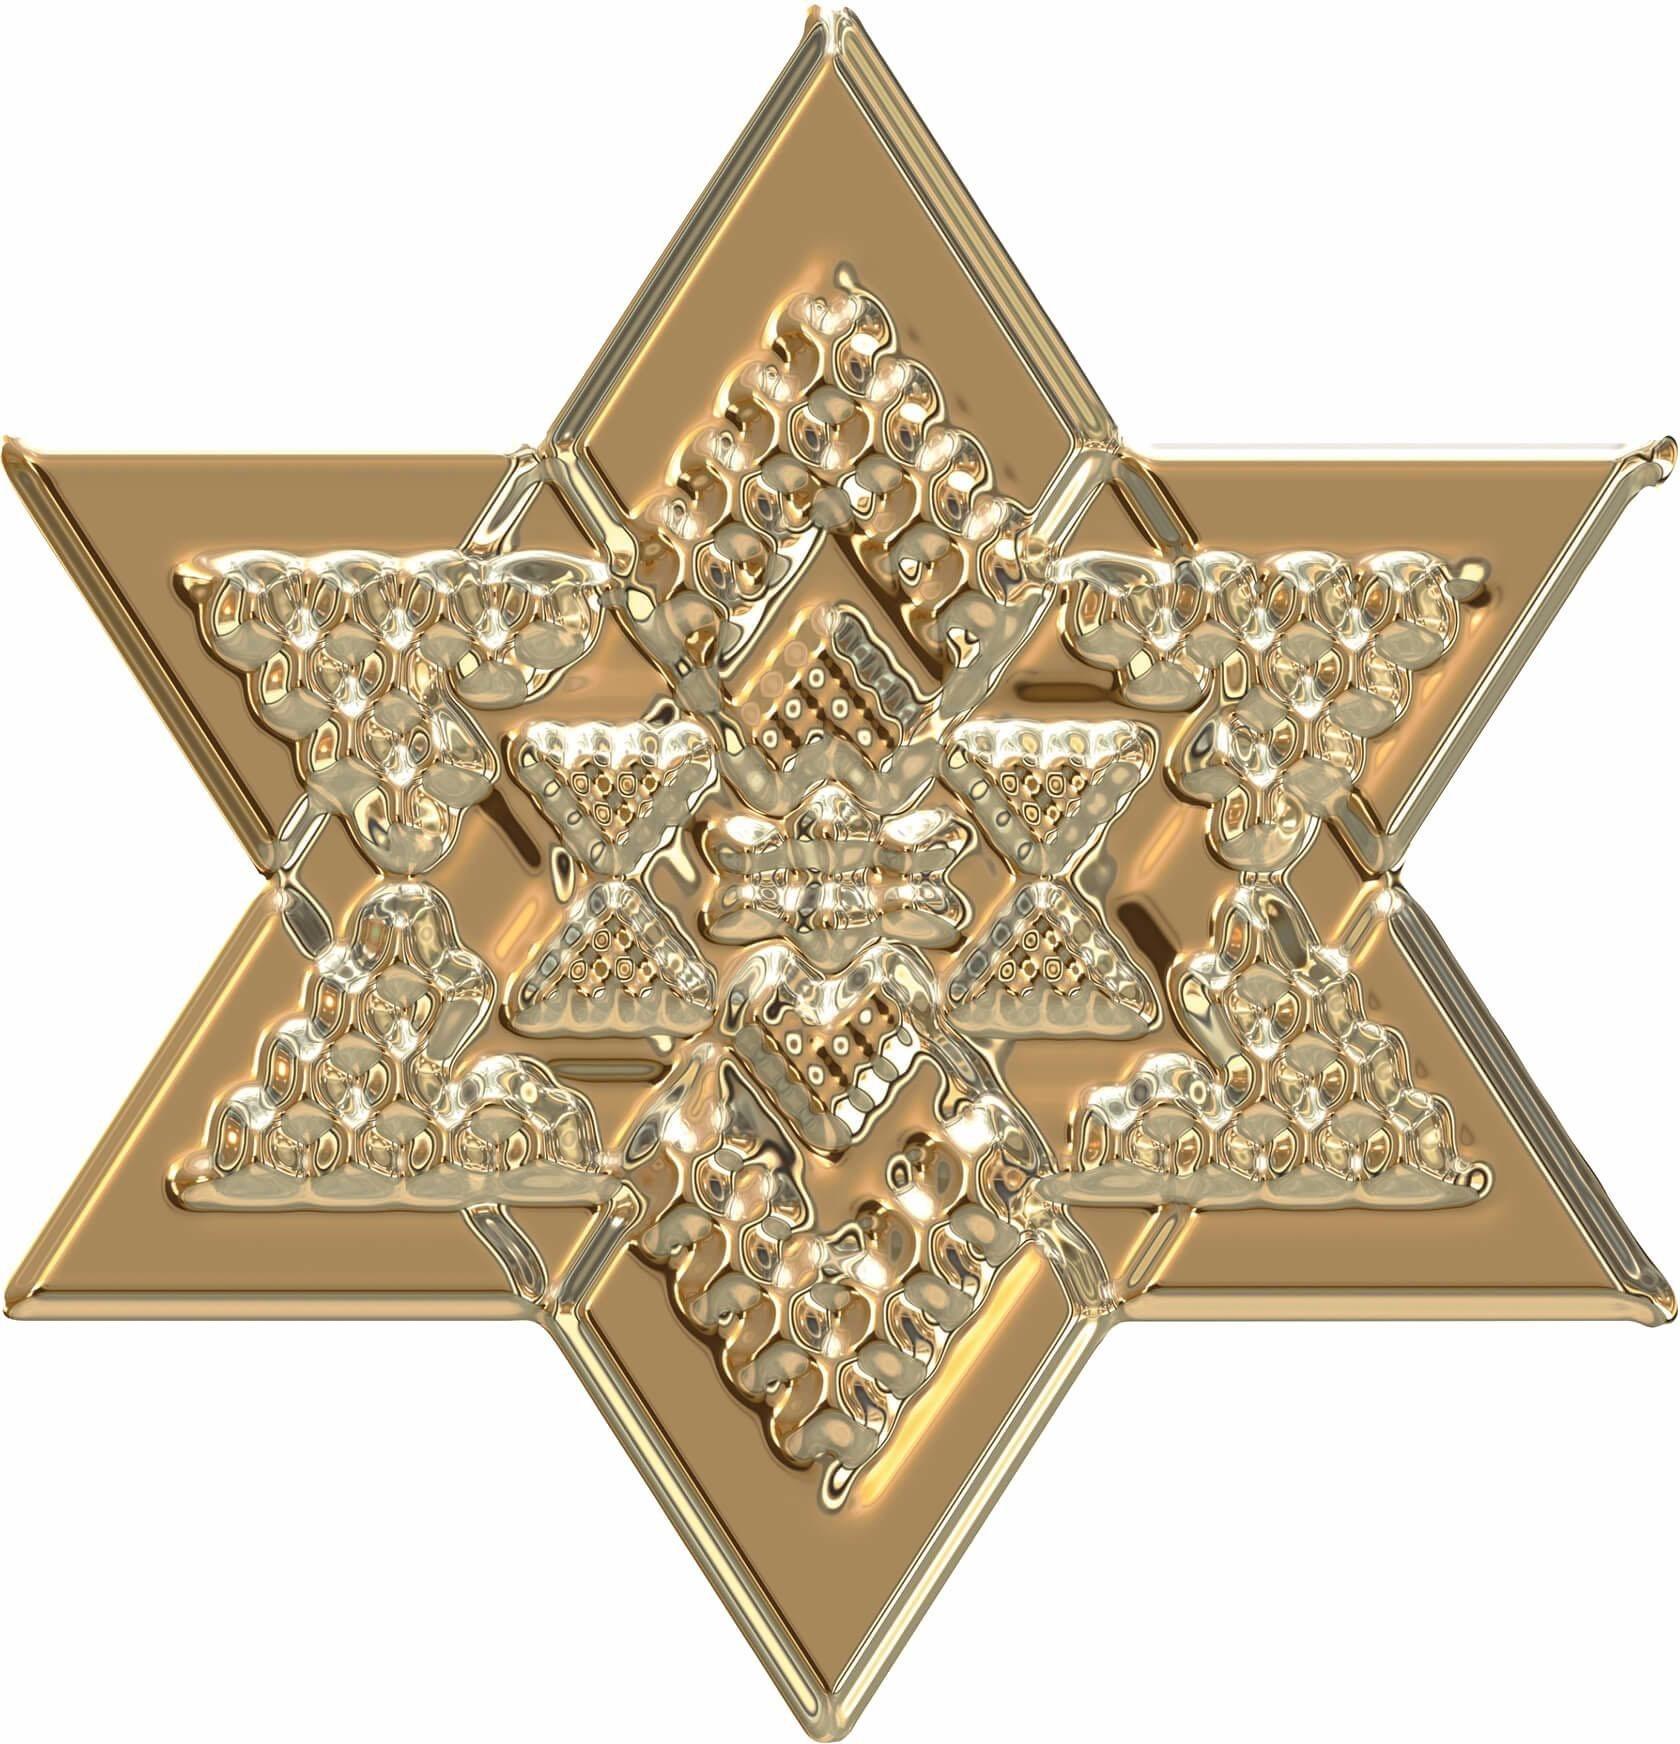 Wandtattoo »Metallic Star Gold«, in 3 Größen   Dekoration > Wandtattoos > Wandtattoos